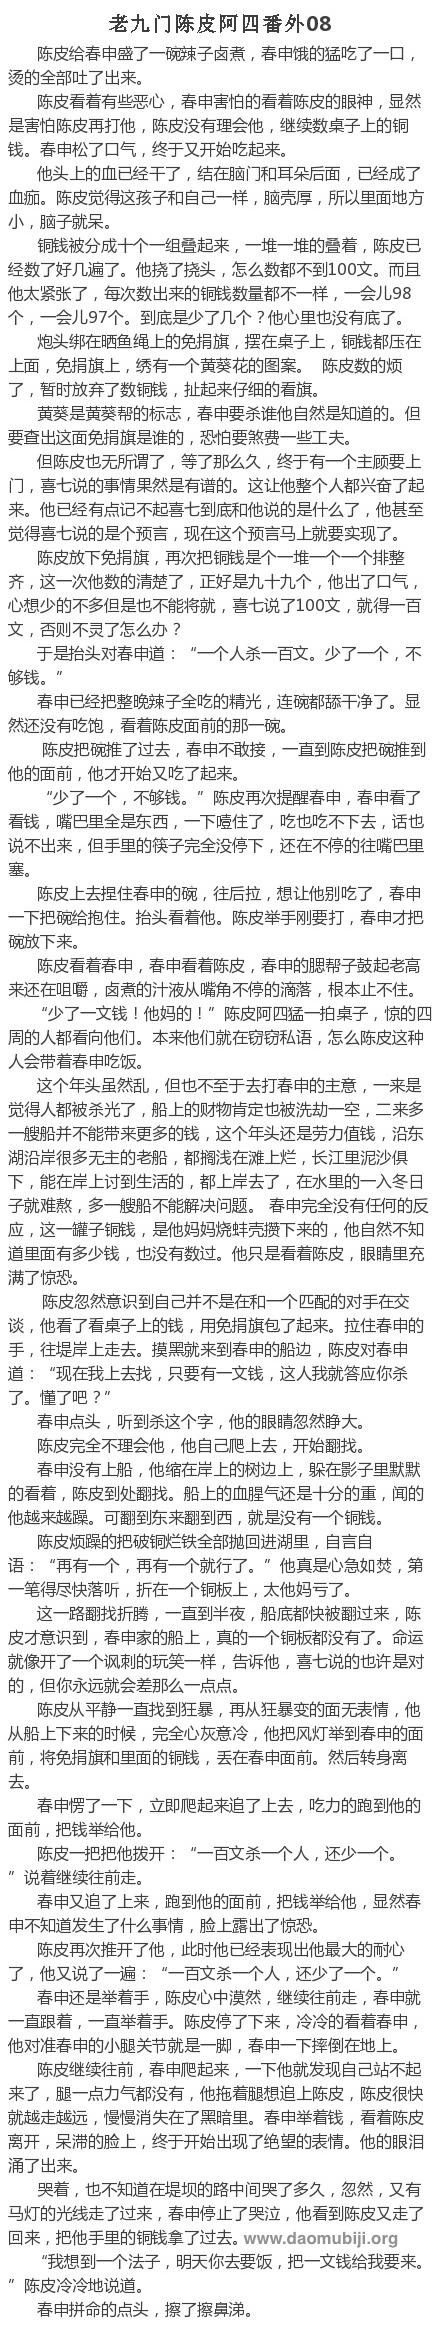 陈皮阿四番外第八章修改